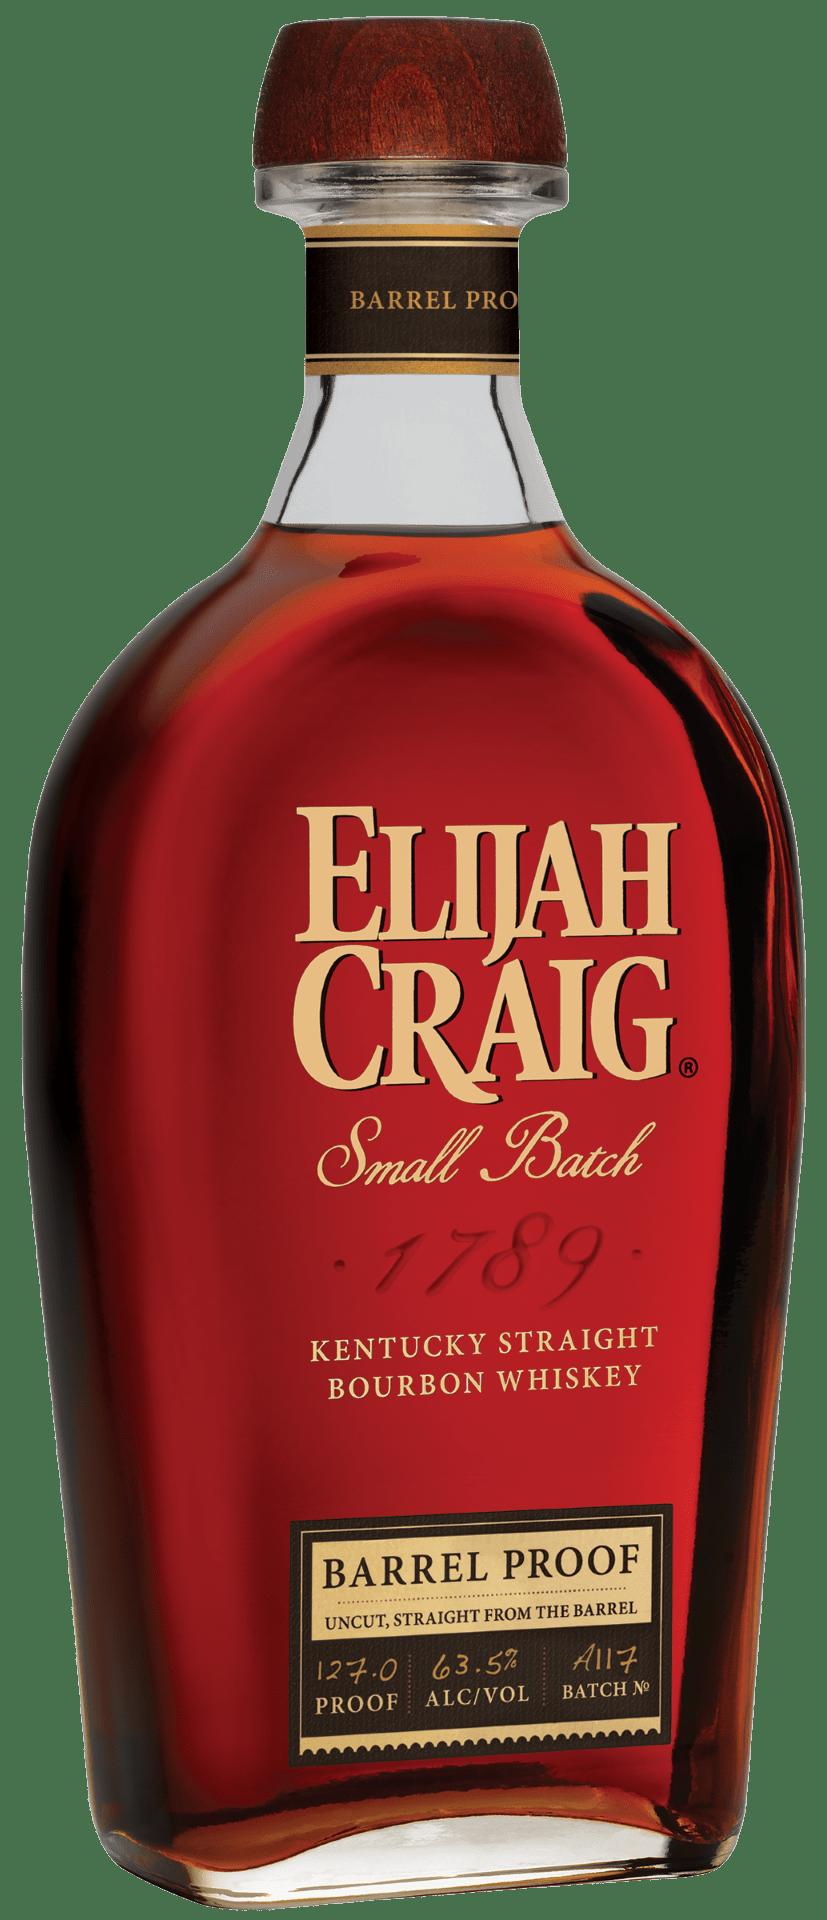 Elijah Craig Barrel Proof Batch A117 (January 2017)